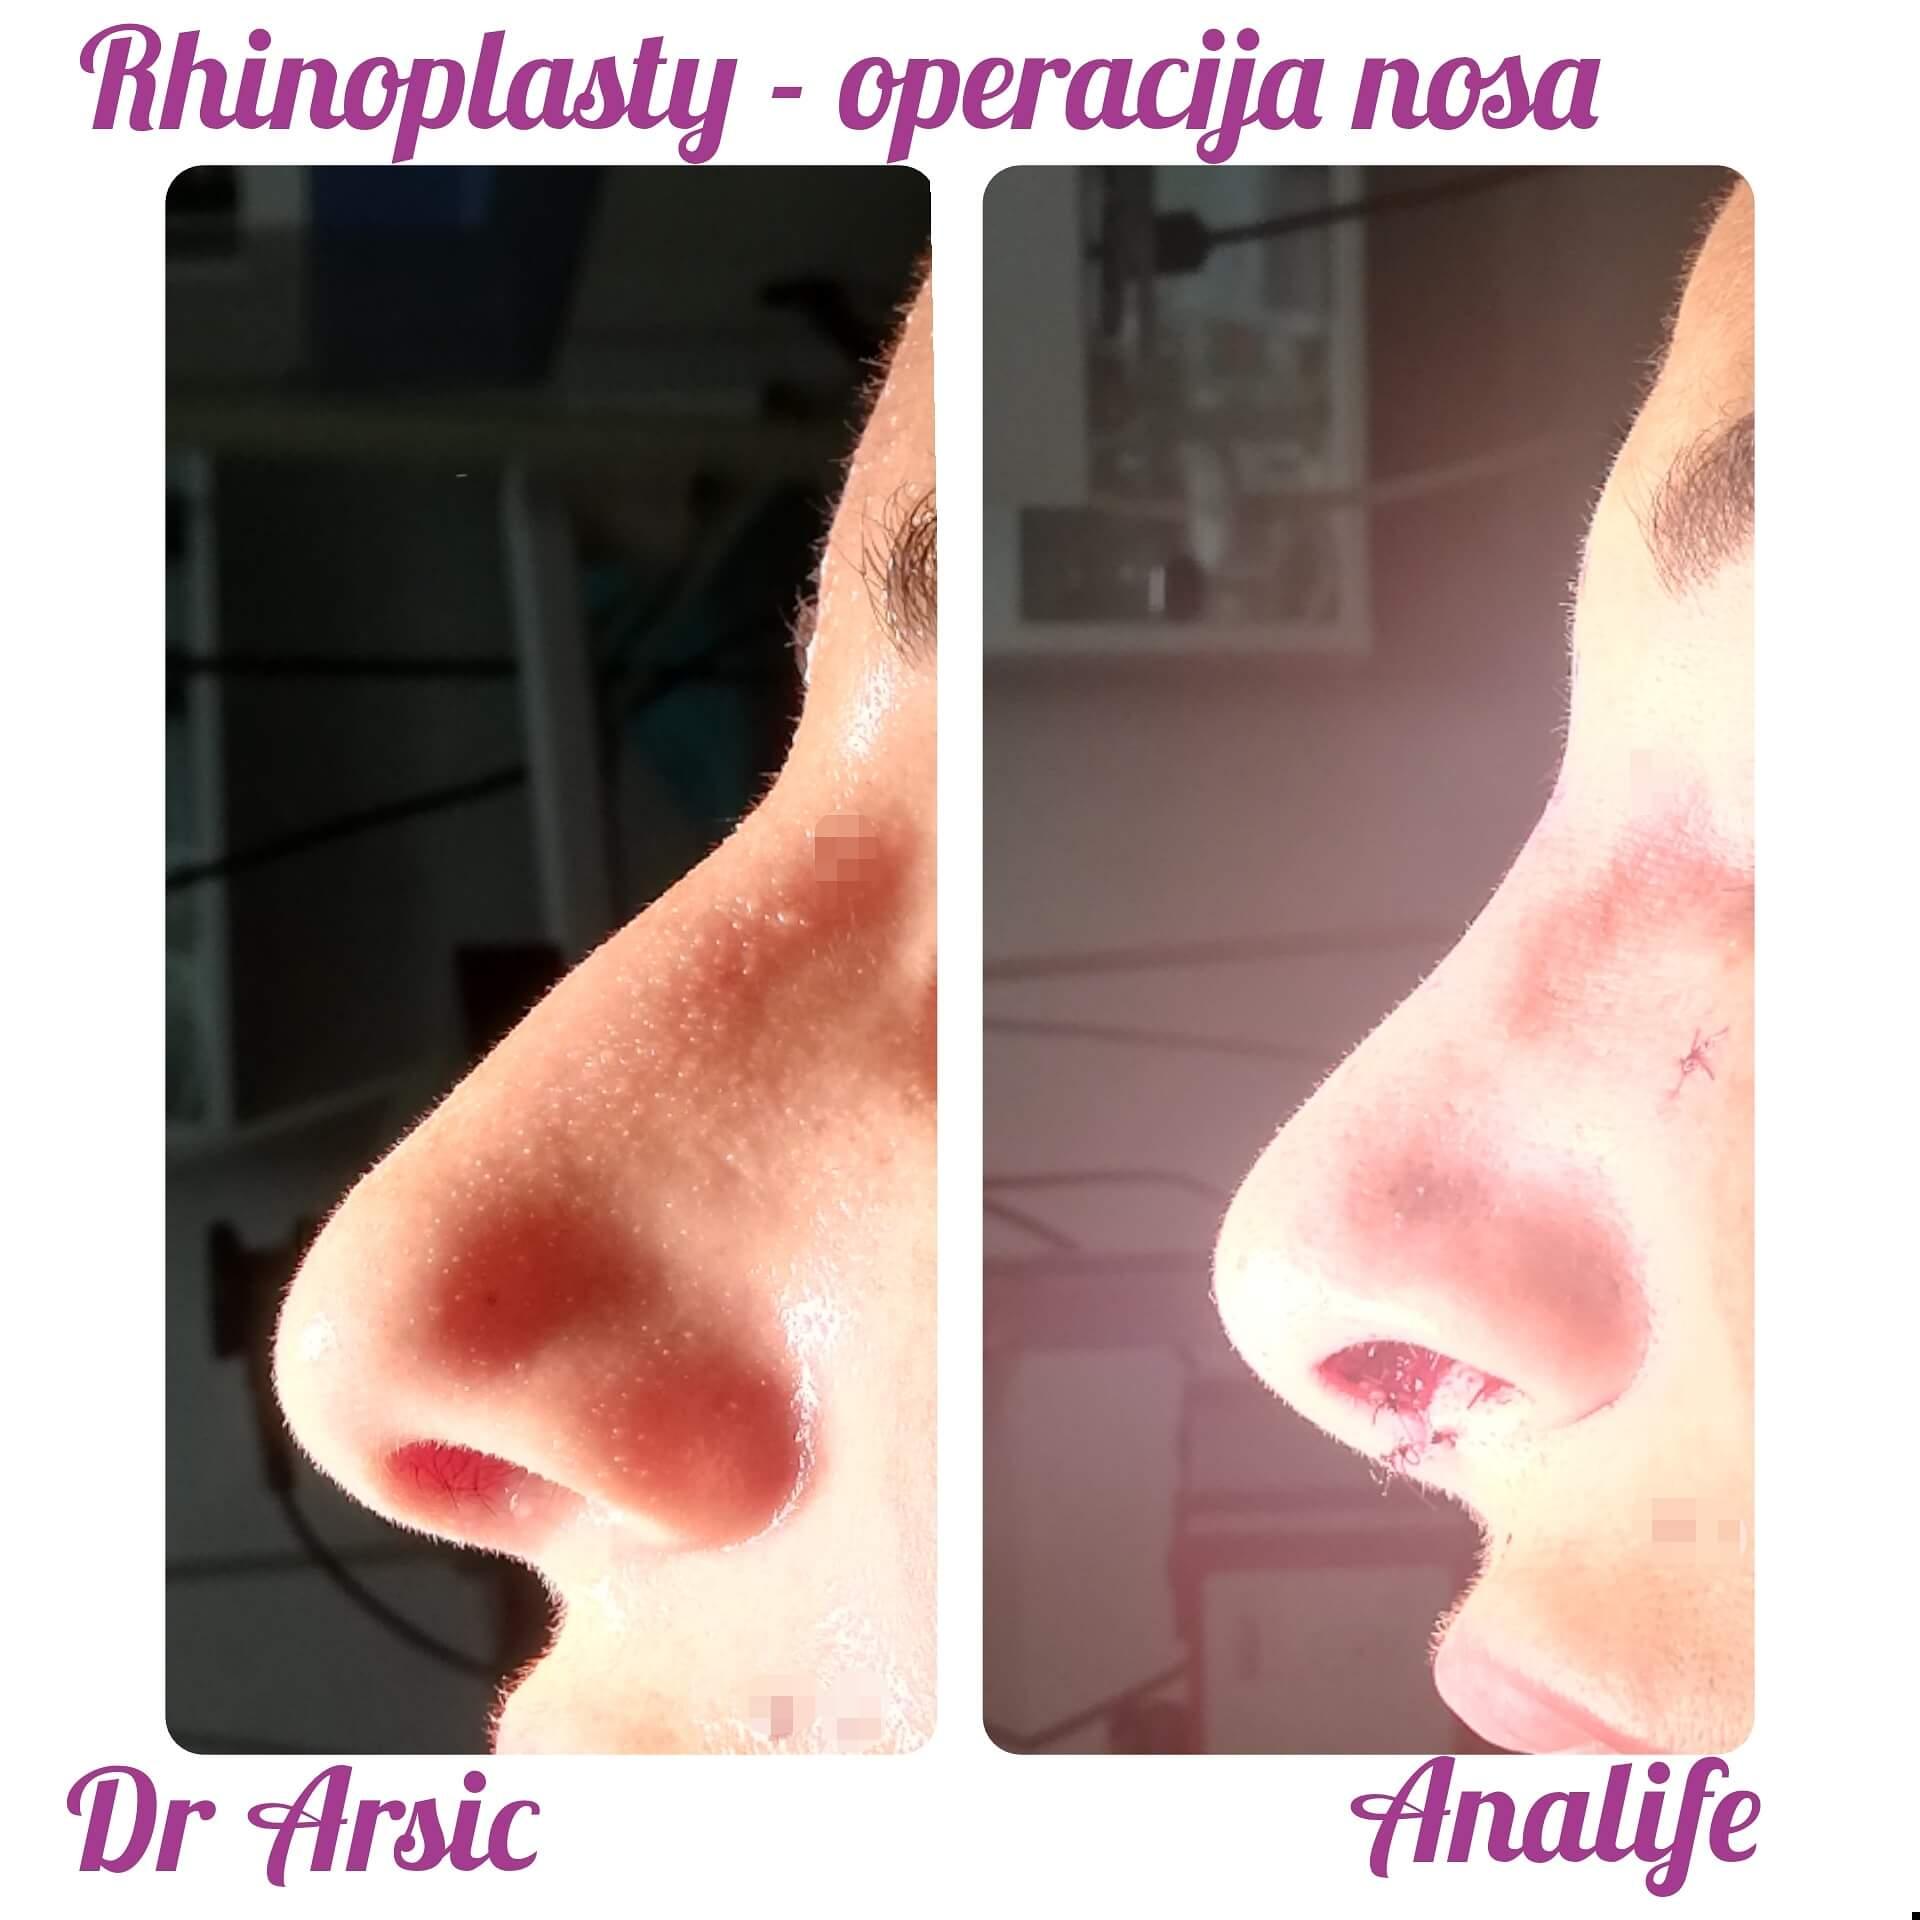 Neverovatno je koliko obična operacija nosa, može da izmeni izgled lica.